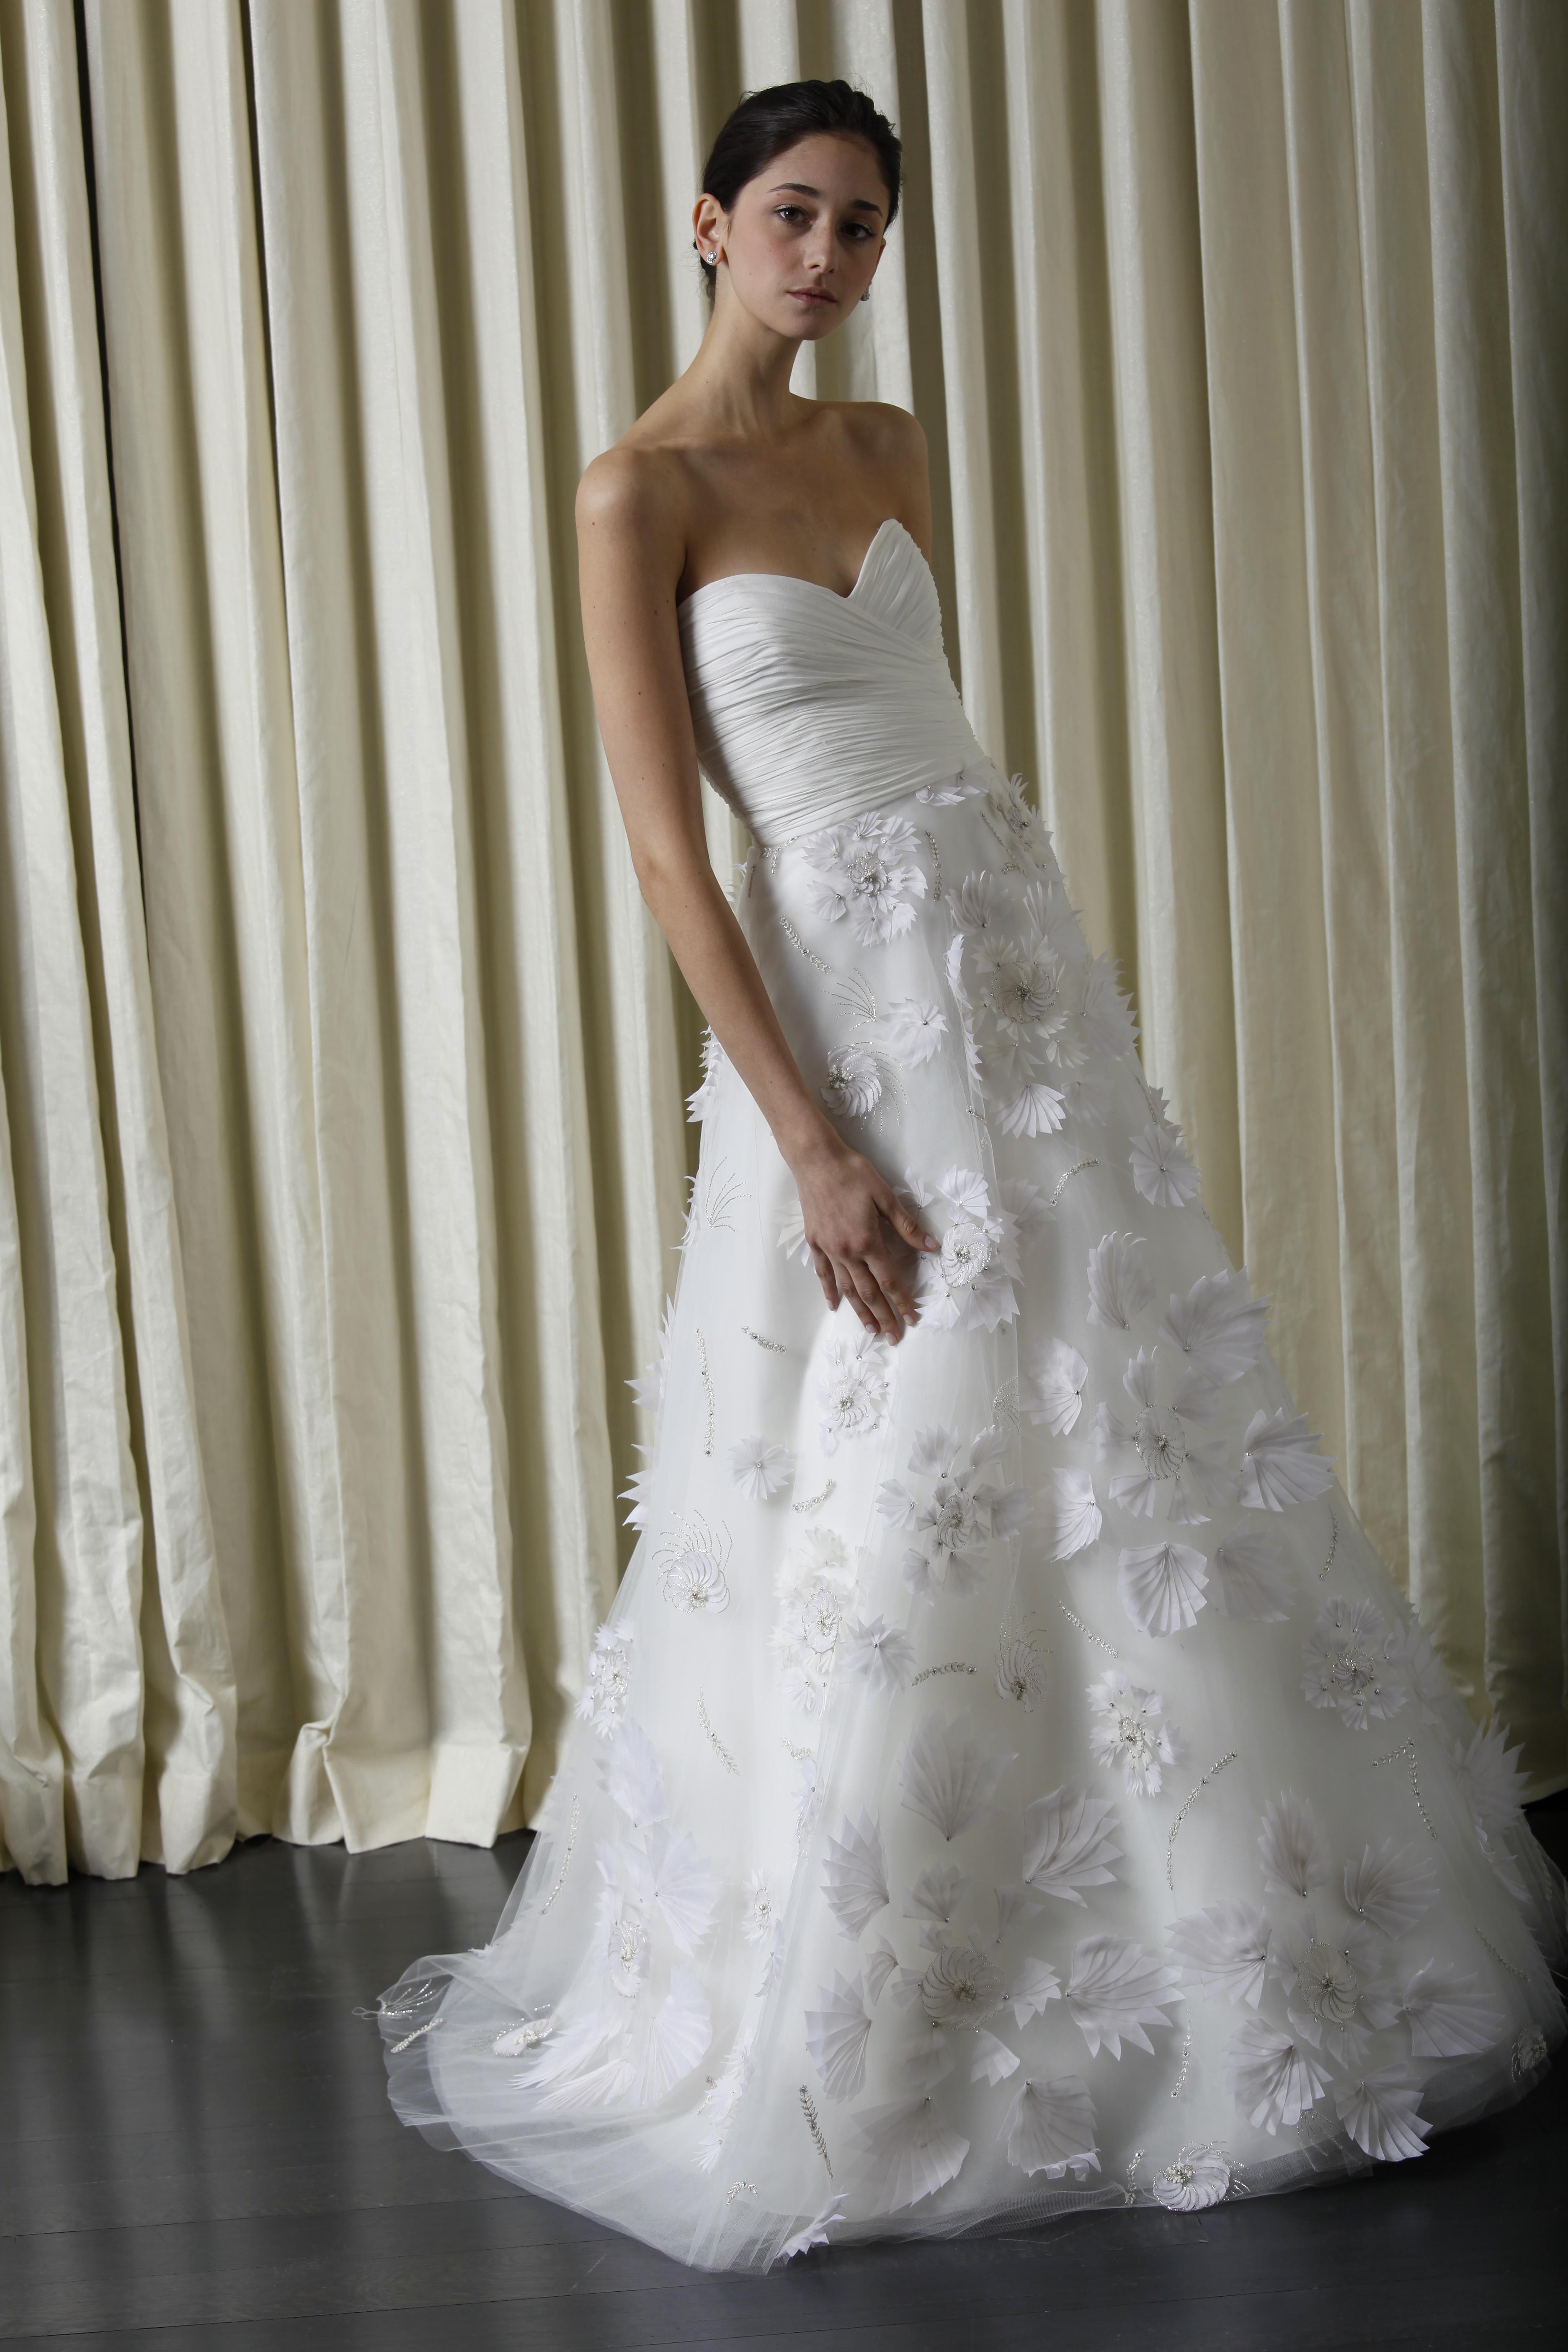 Фото девушки в свадебном 4 фотография